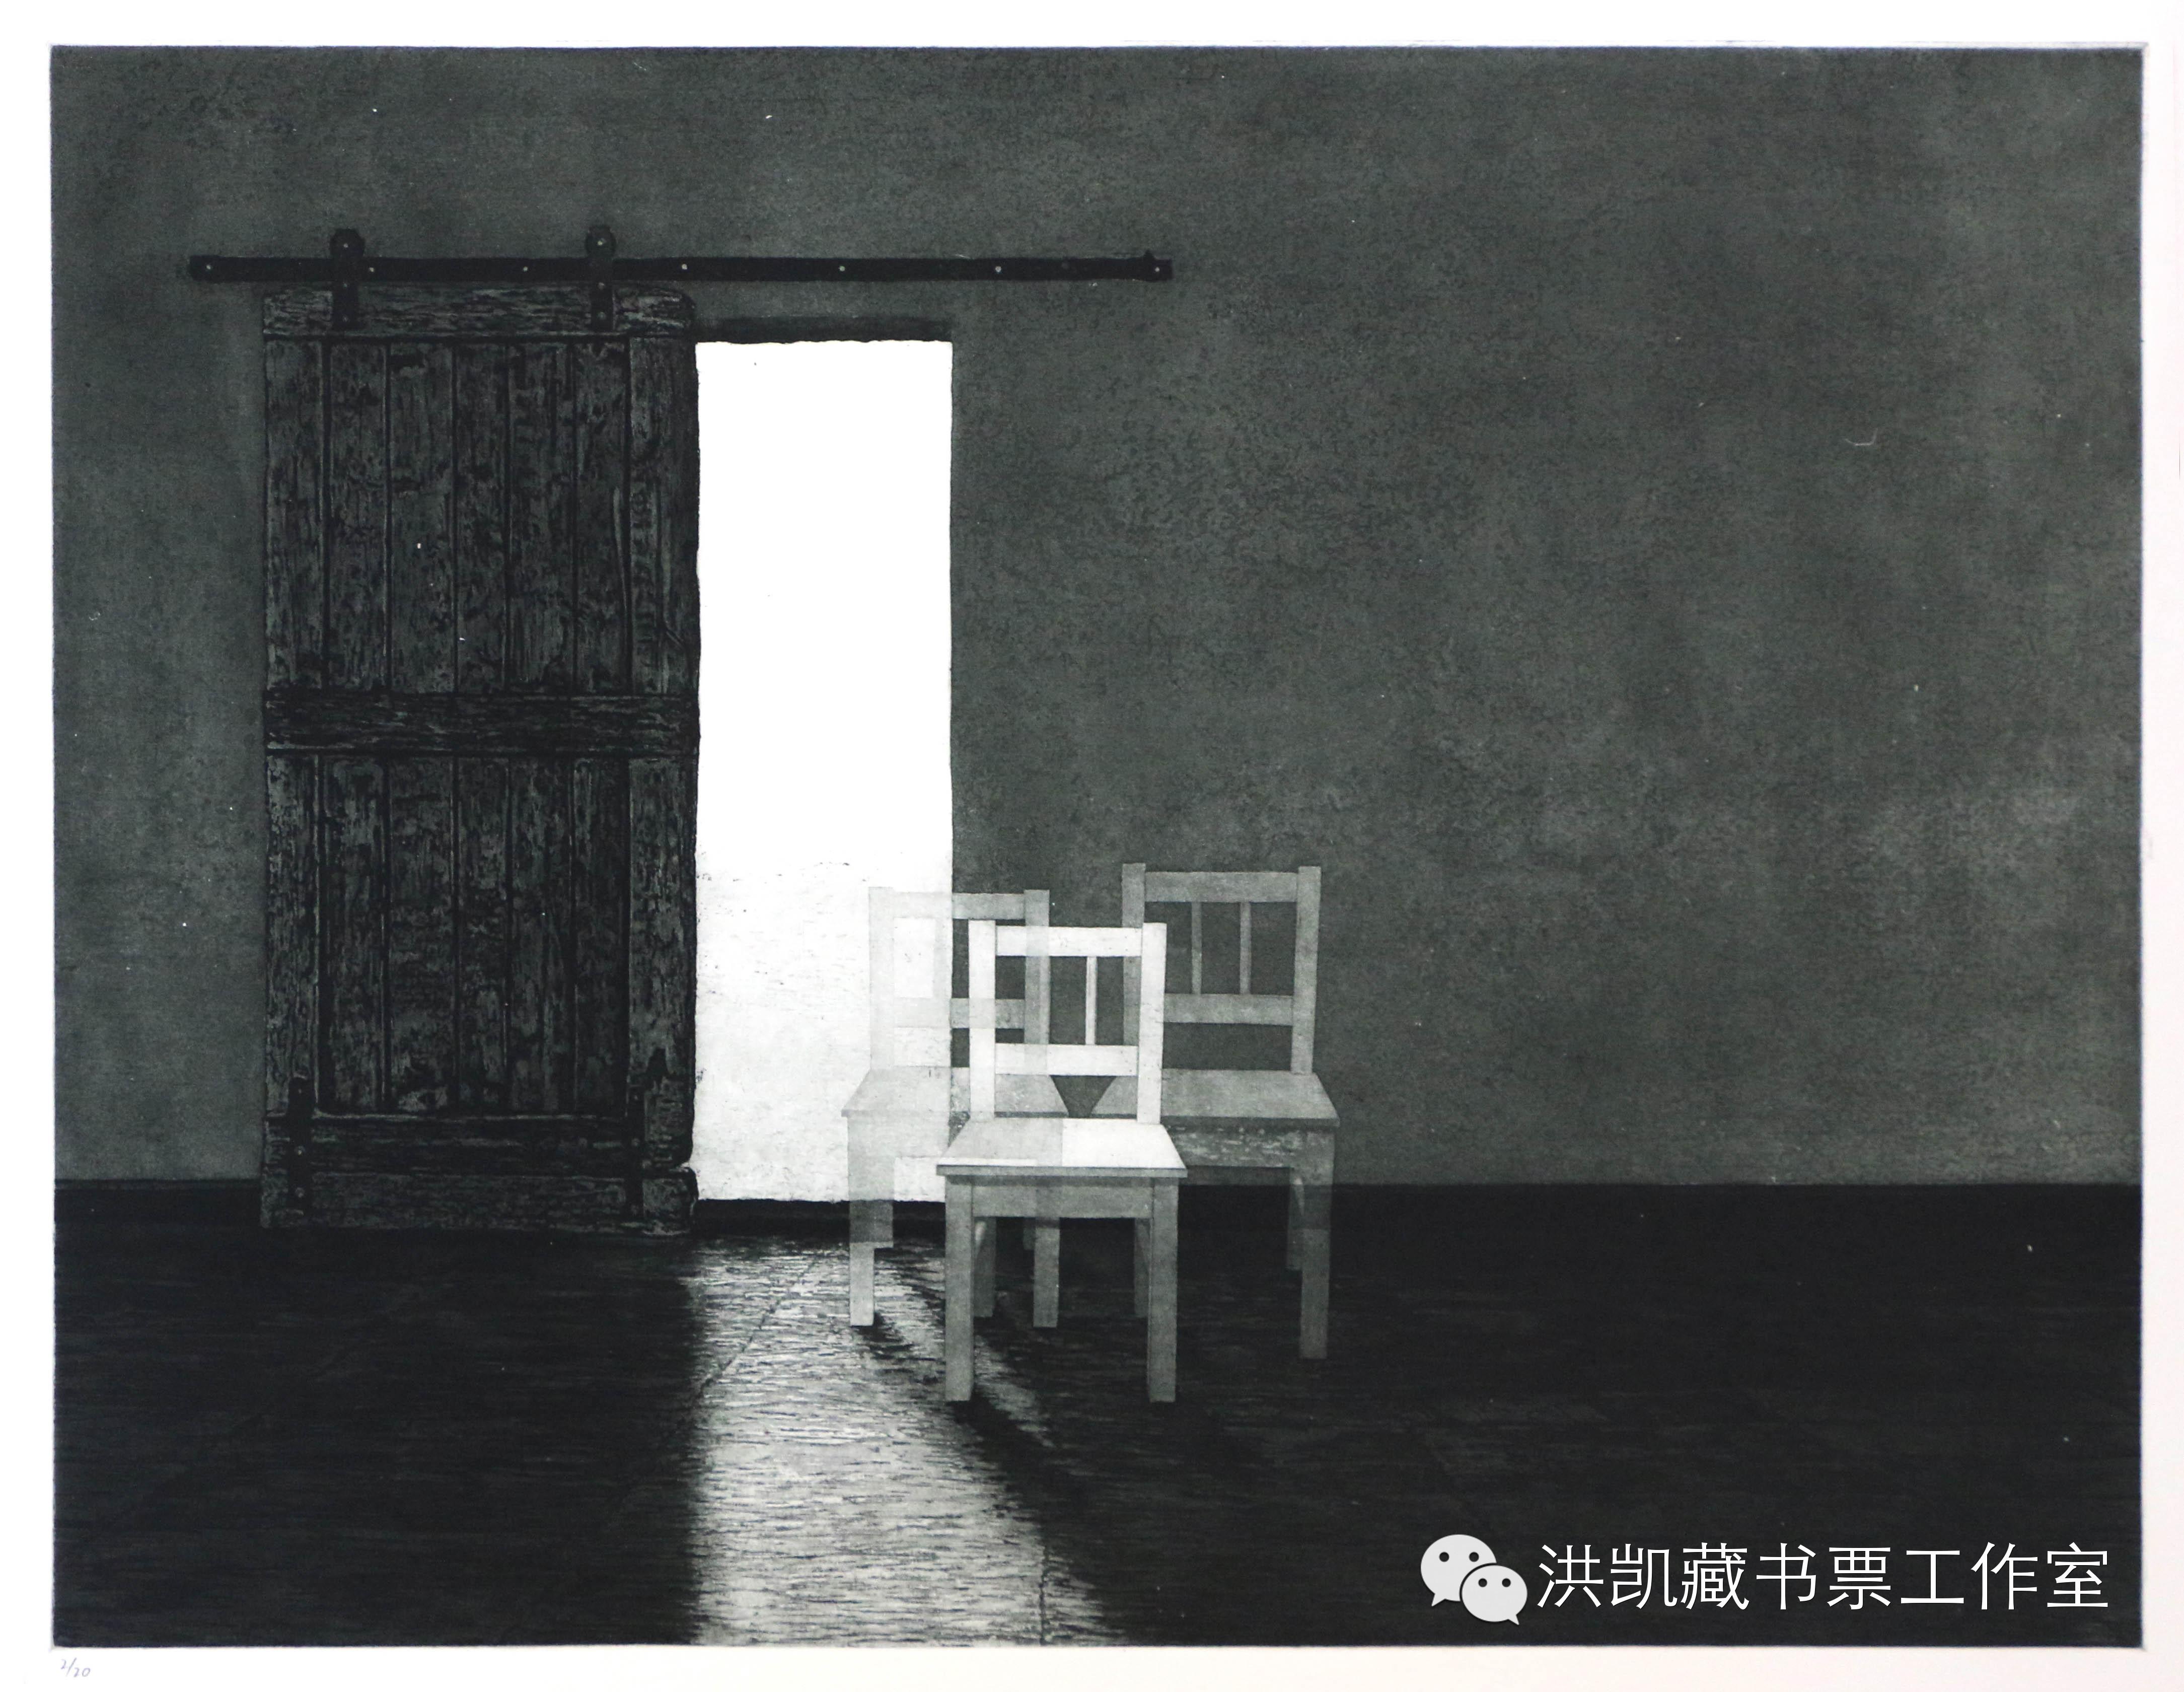 版画作品推荐002期-(内蒙古版画家)拉喜萨布哈﹒版画&藏书票作品欣赏 第5张